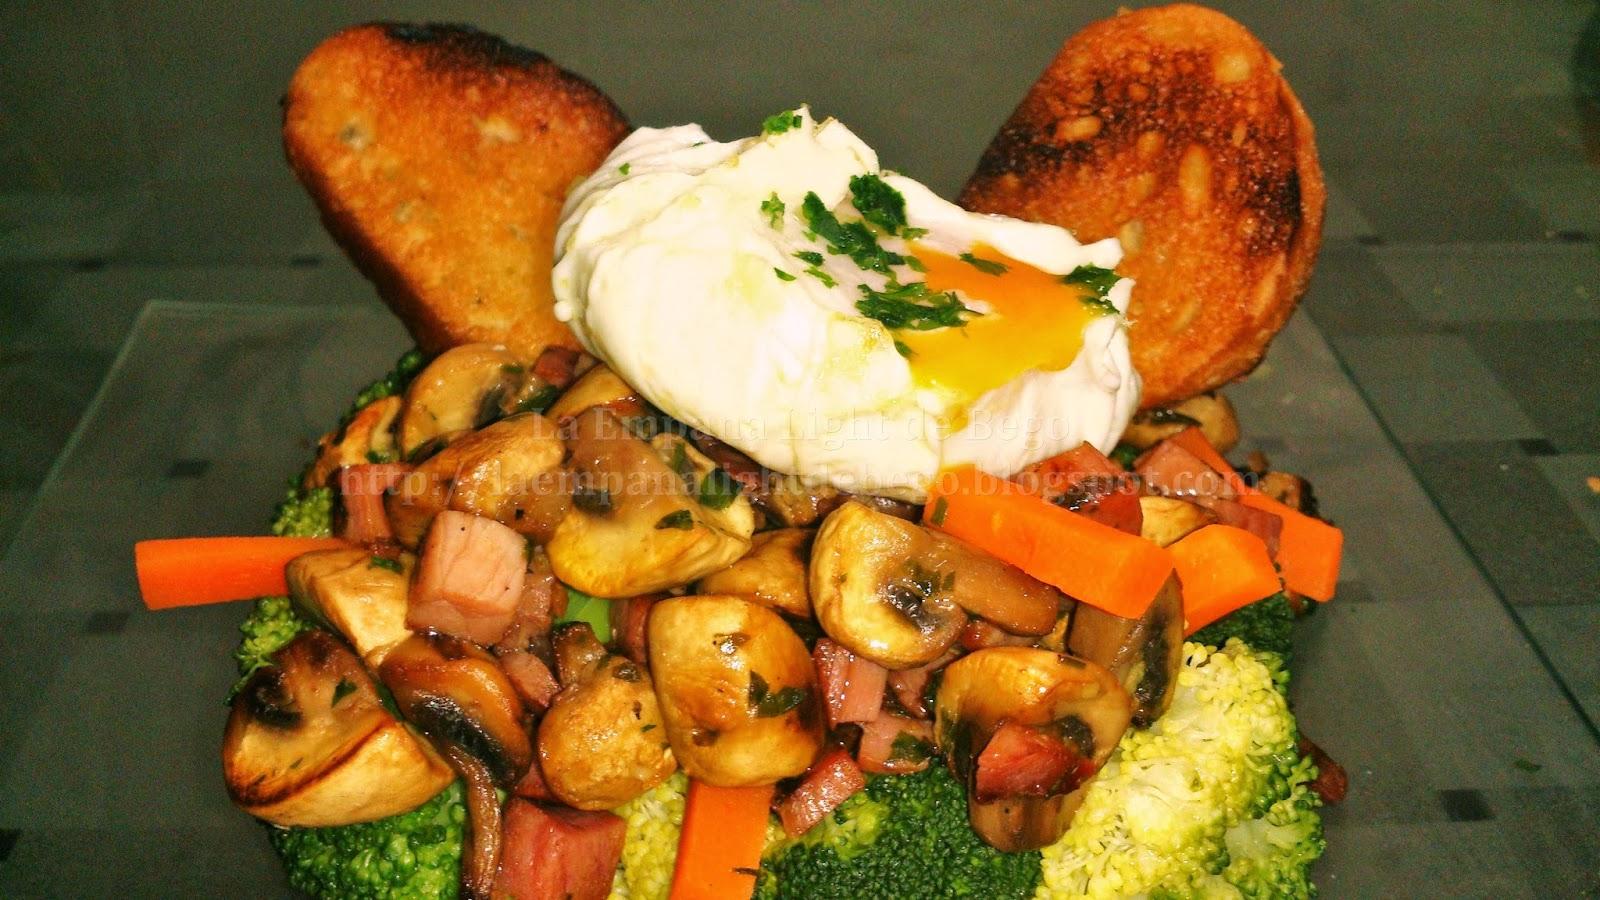 Receta-de-timbal-de-brocoli-con-salteado-de-jamón-y-huevo